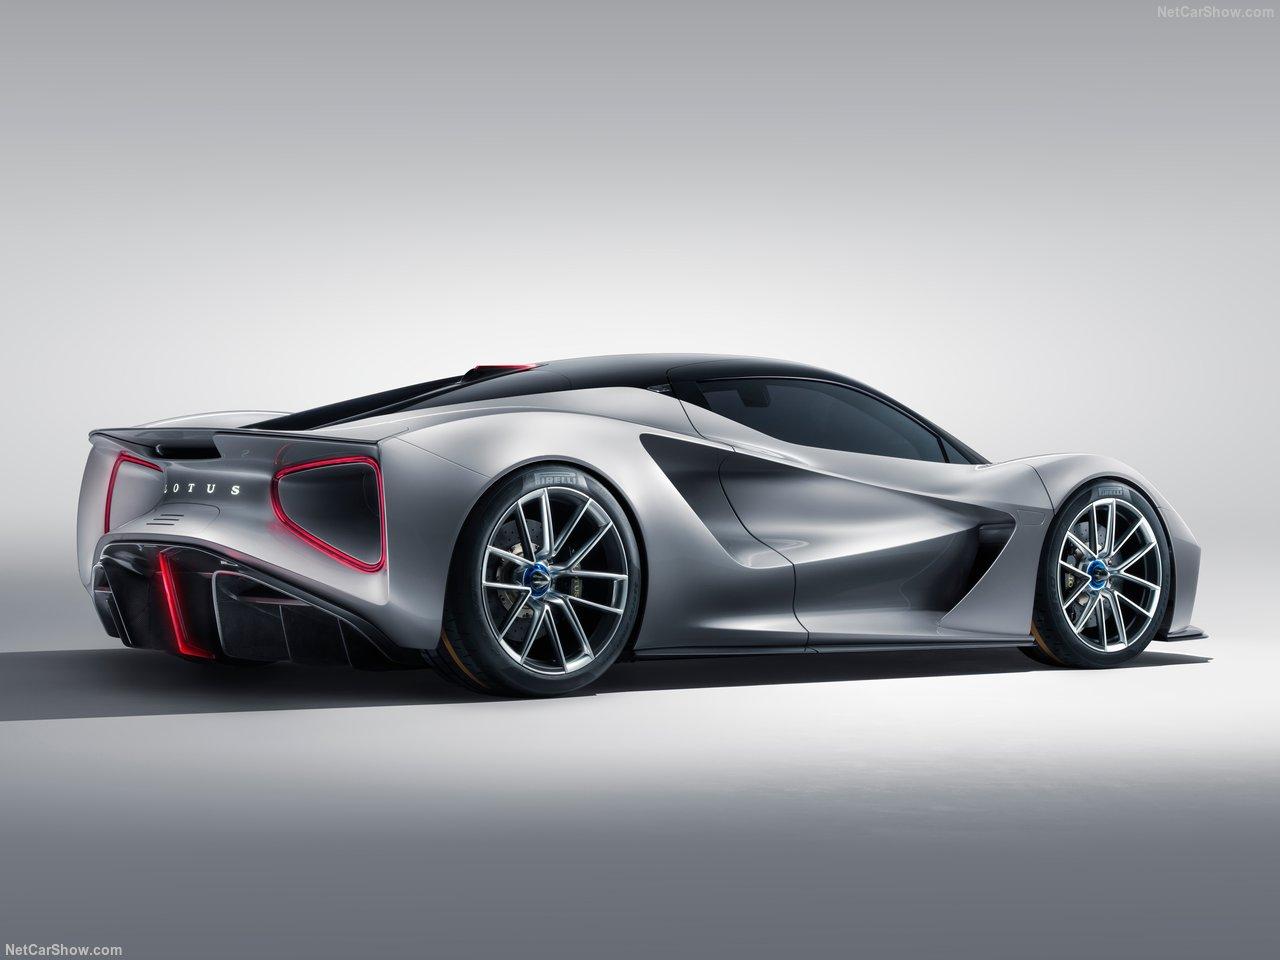 Lotus-Evija-2020-1280-03.jpg